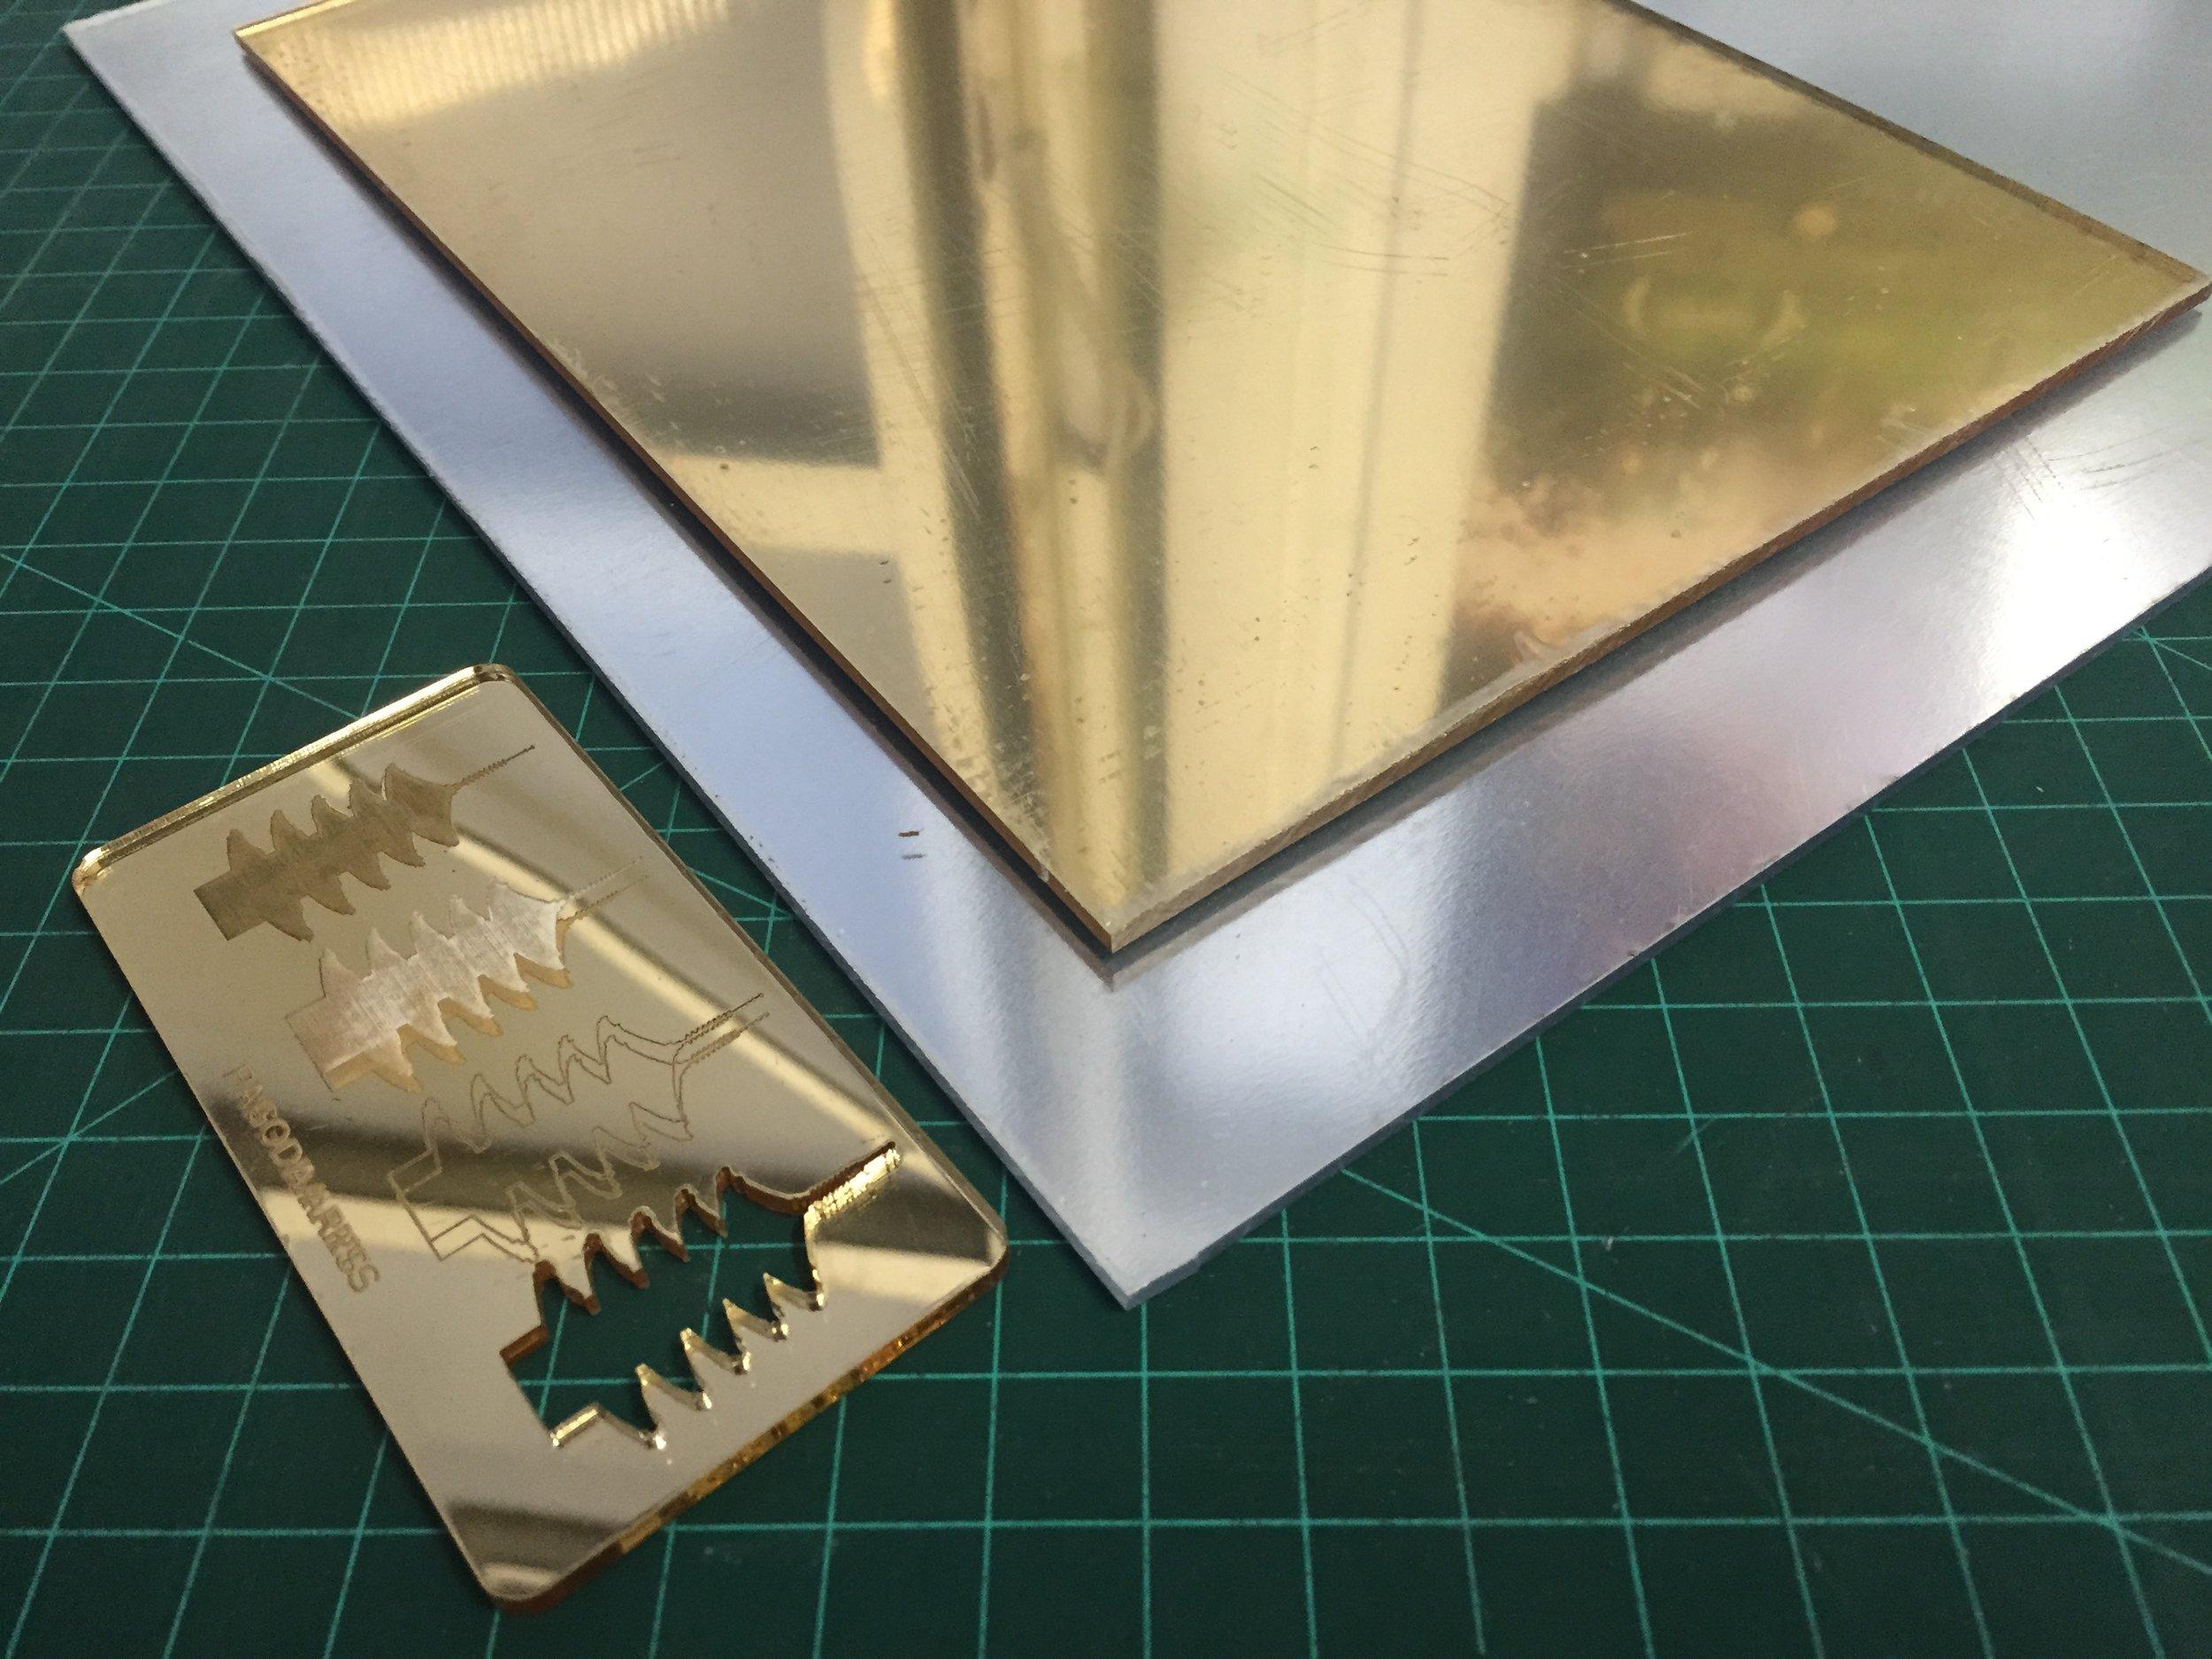 - Acrylic/Plexiglas cast 0.118